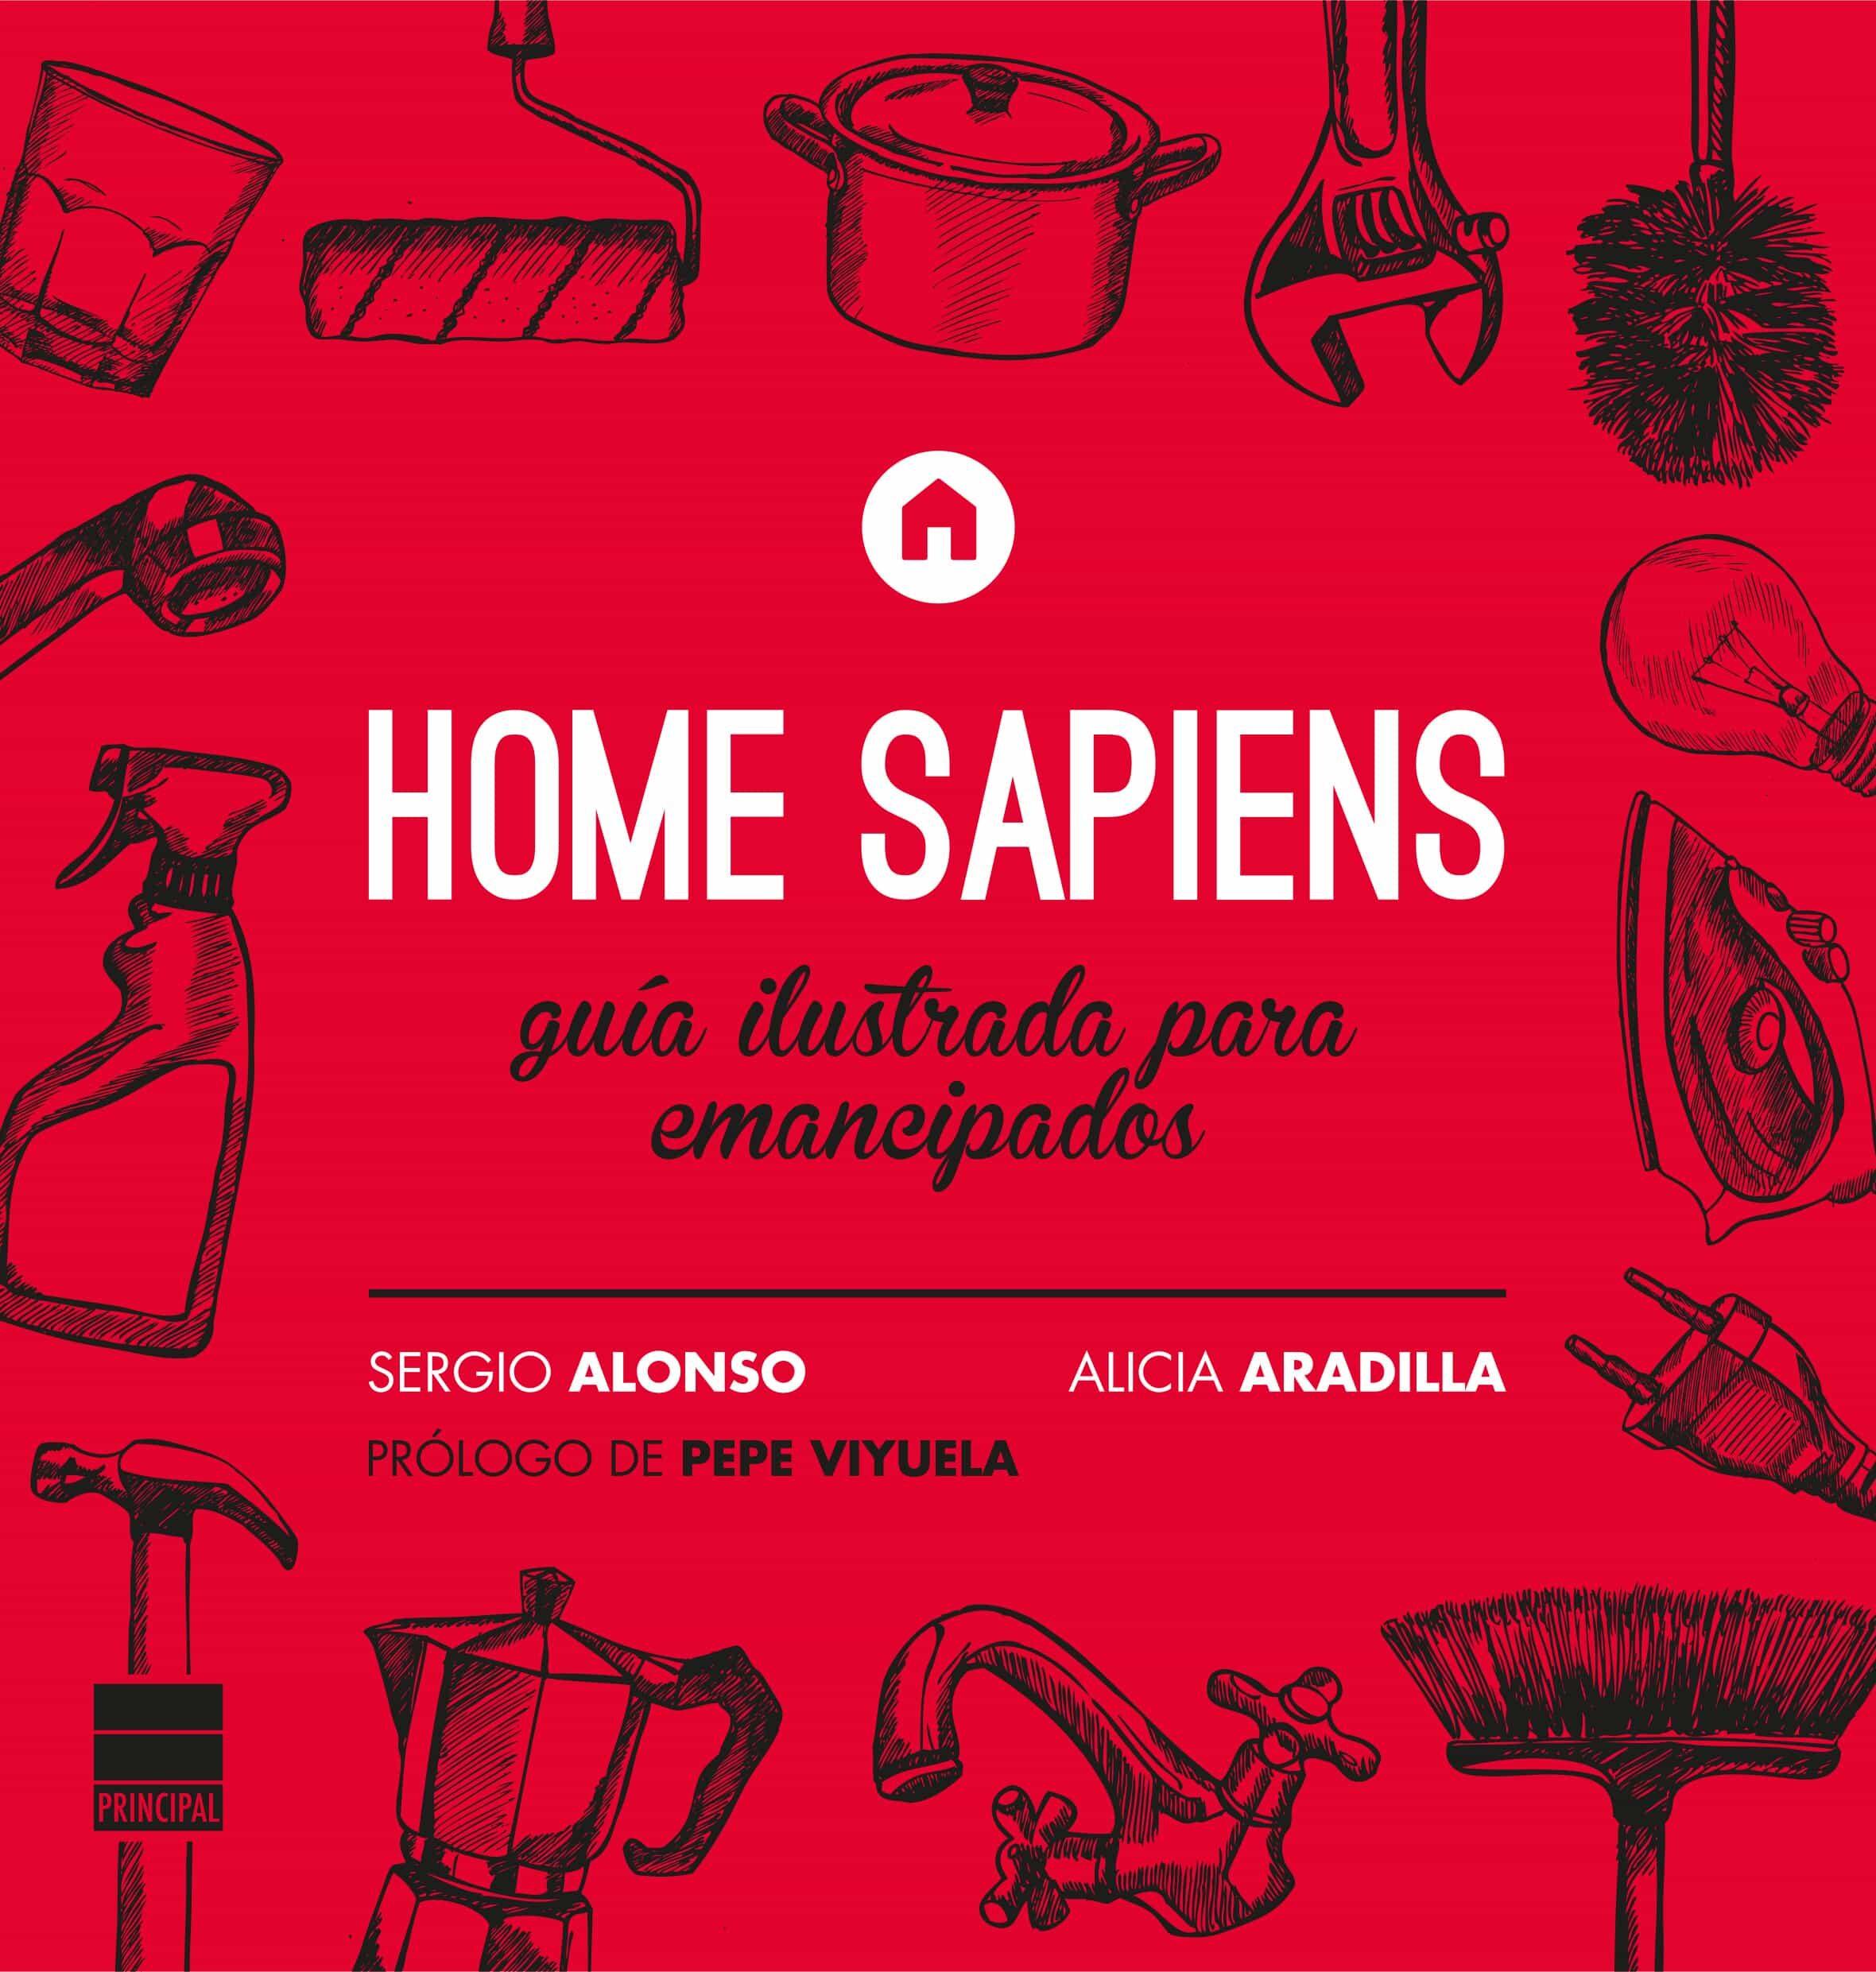 home sapiens-alicia aradilla-sergio alonso-9788416223176